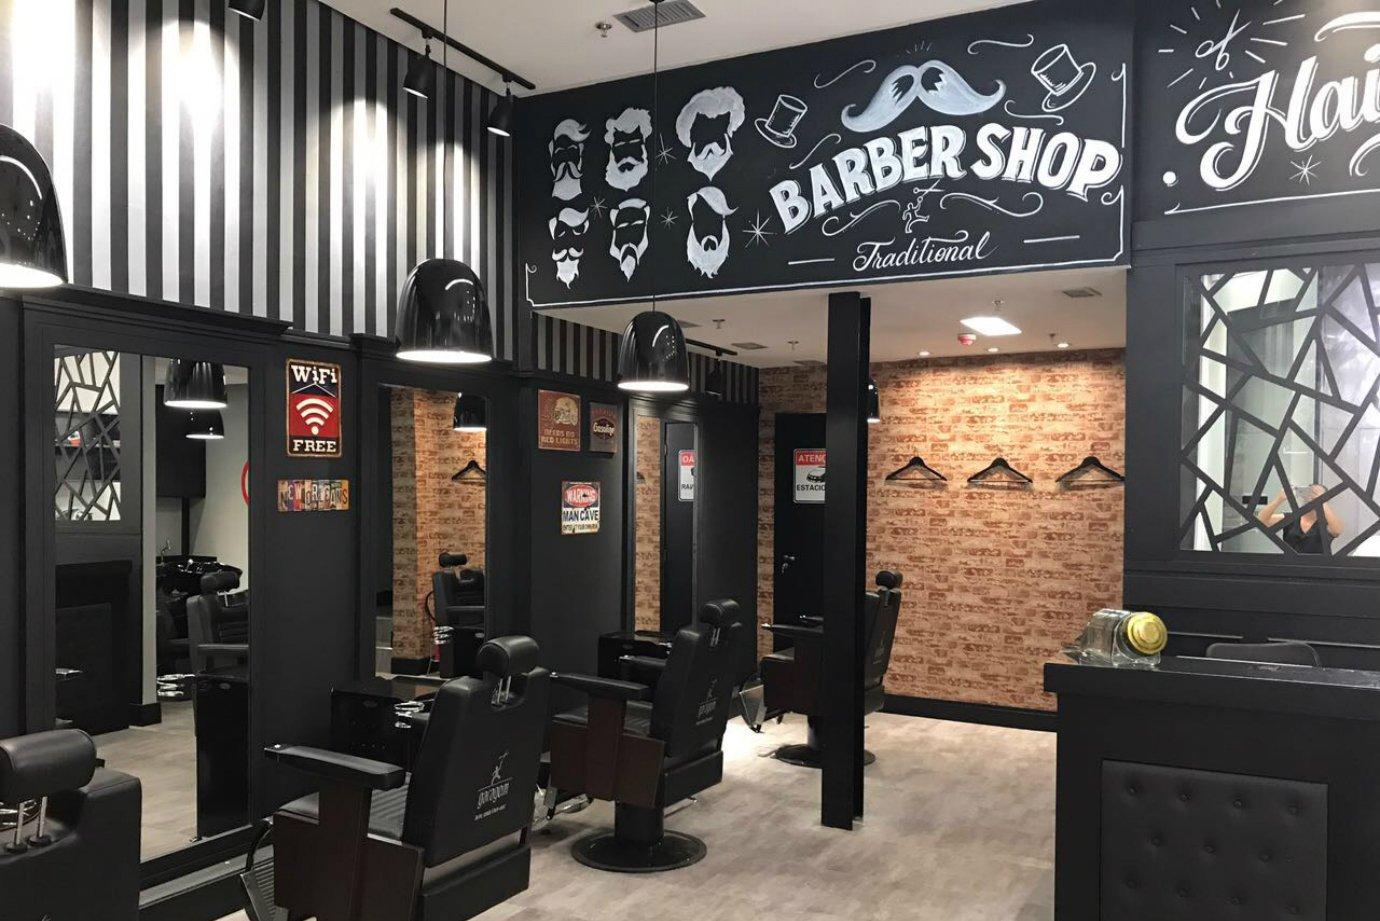 Garagem (rede de franquias de barbearias)